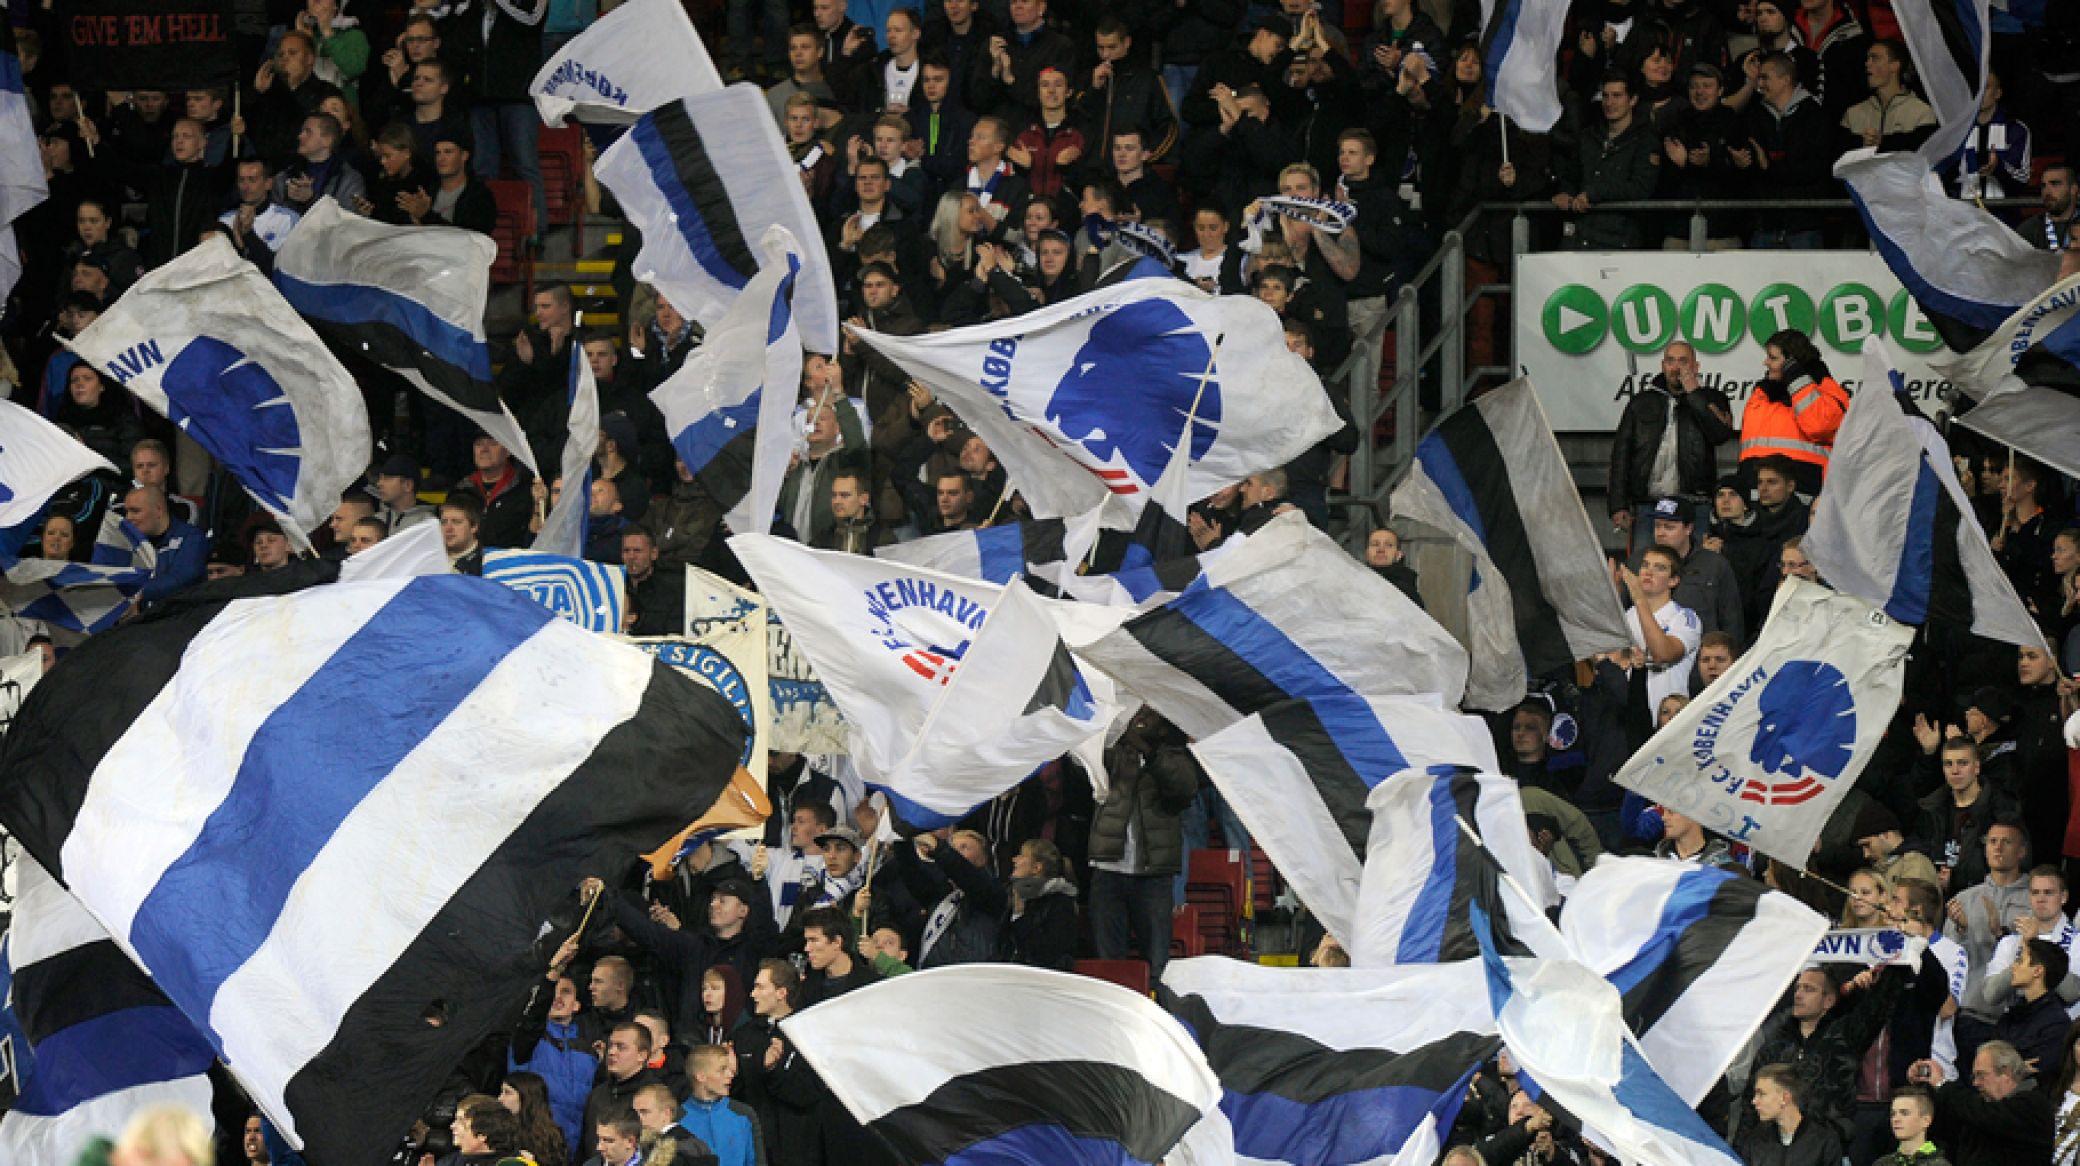 Køb billetter til kampen mod Randers FC i dag   F.C. København